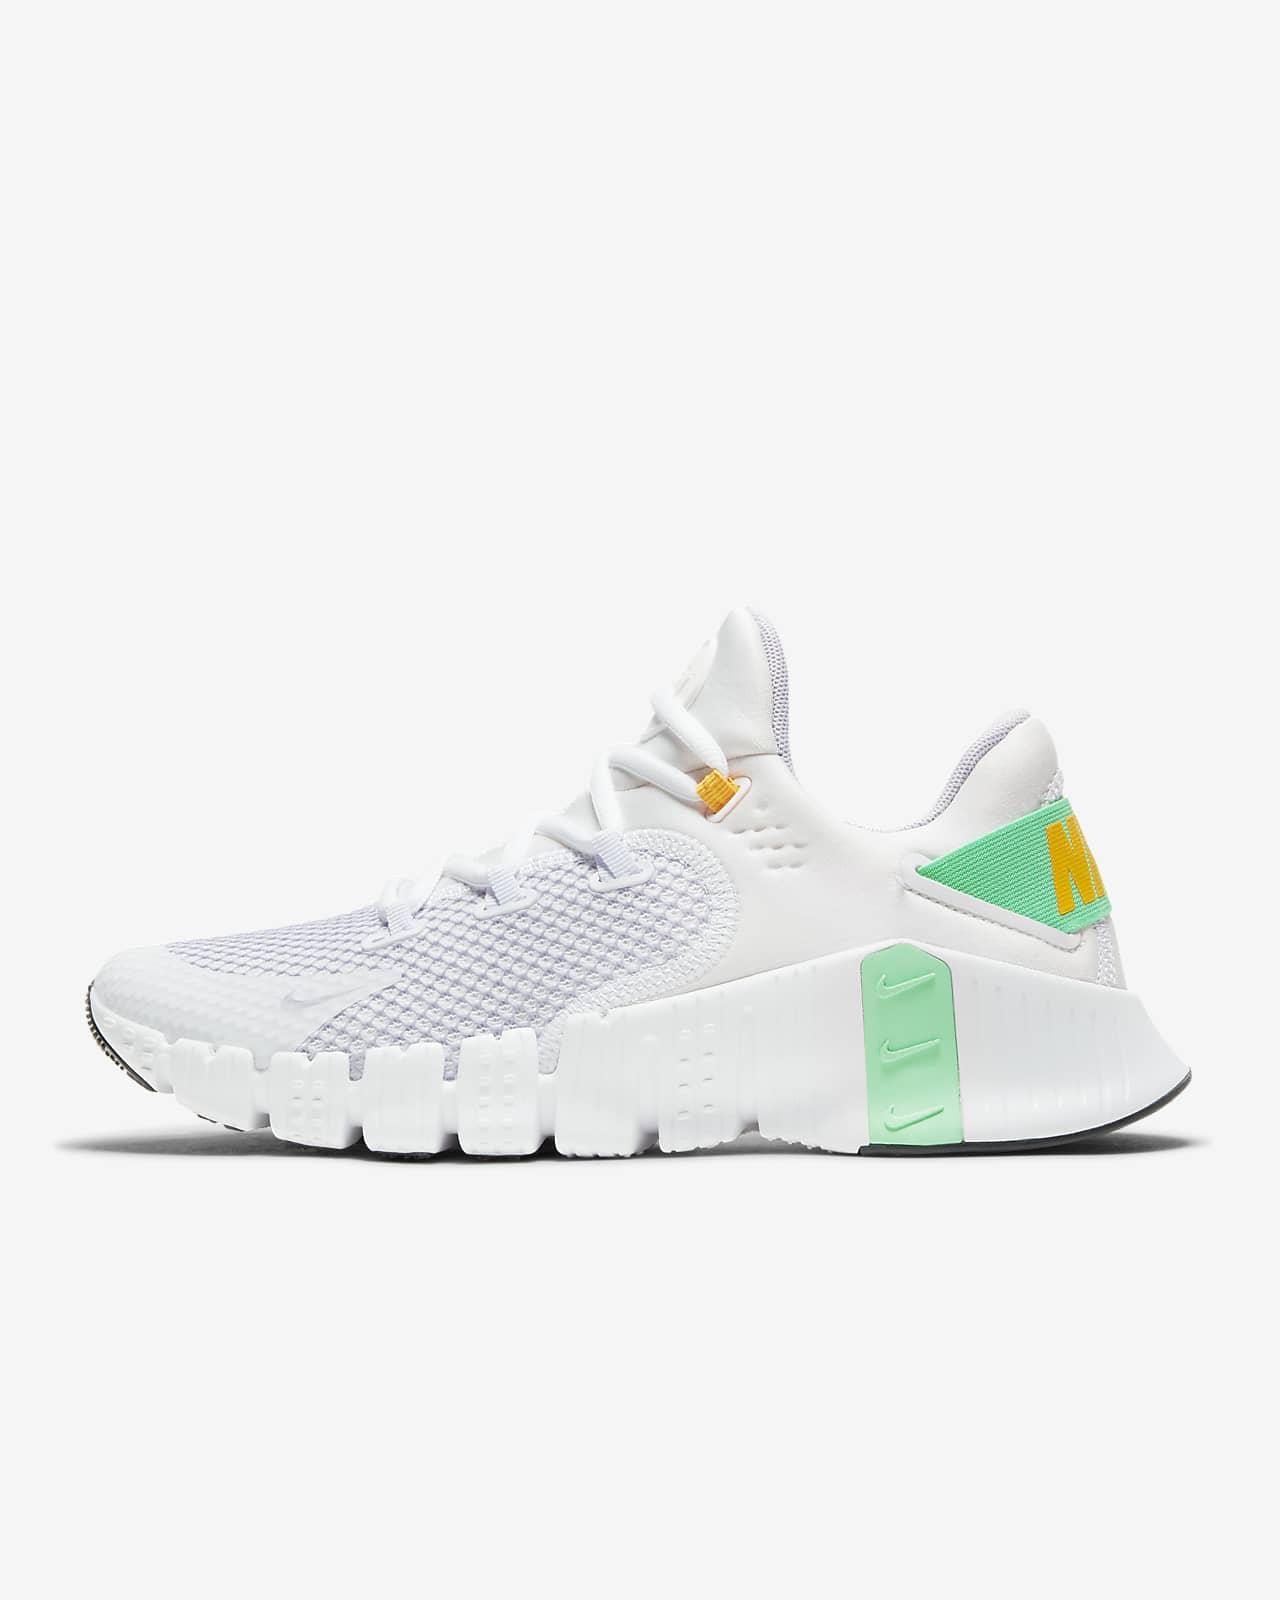 รองเท้าเทรนนิ่งผู้หญิง Nike Free Metcon 4